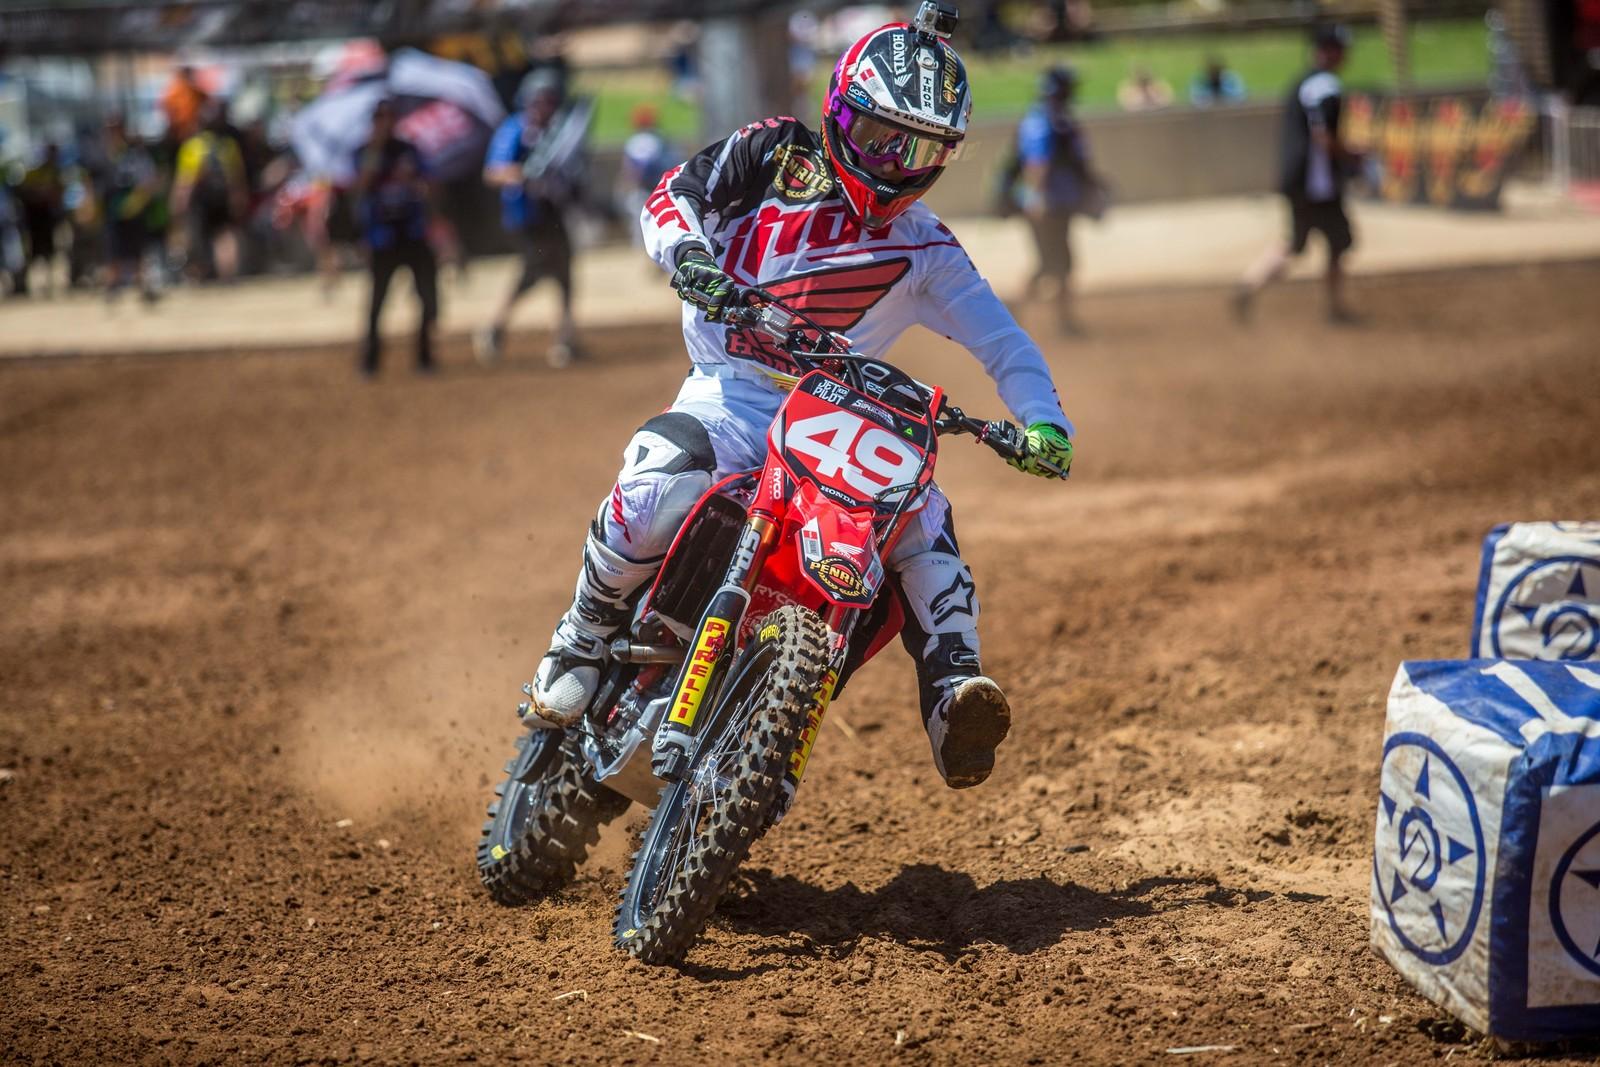 Jimmy DeCotis - Photo Blast: Australian Supercross Championship from Adelaide - Motocross Pictures - Vital MX